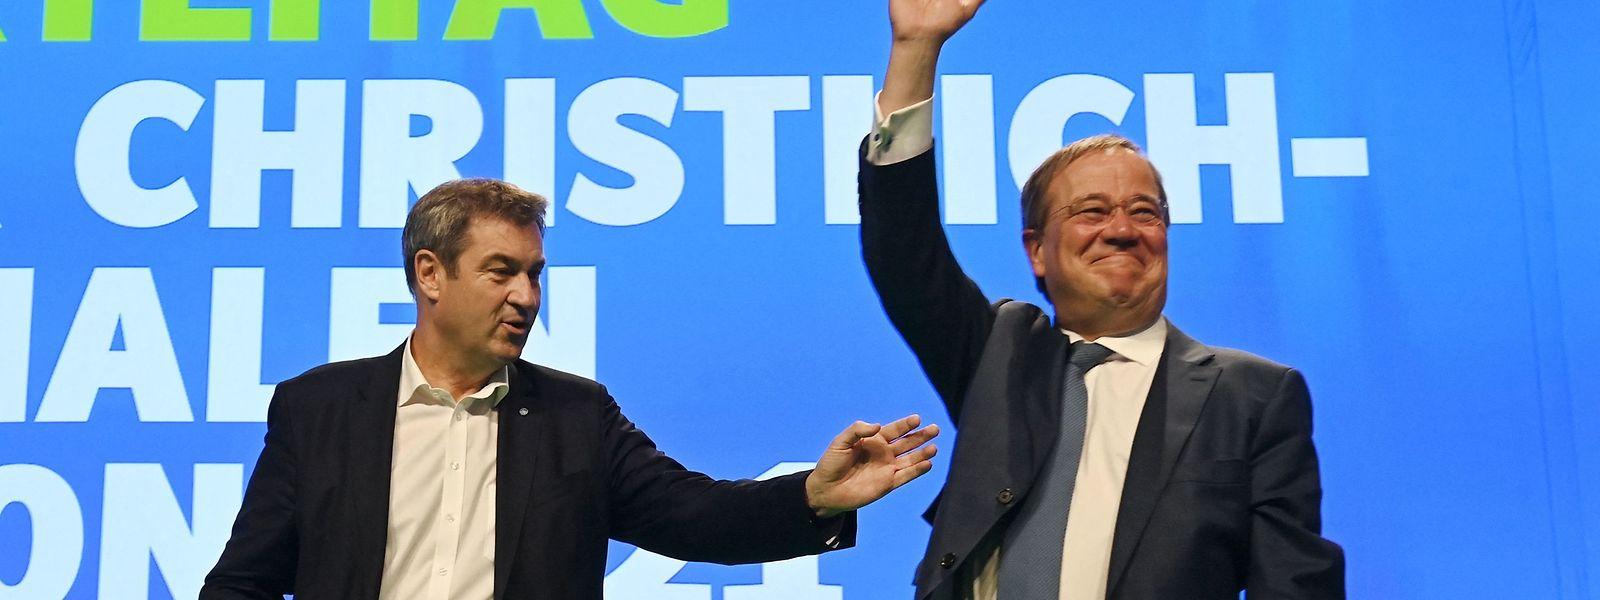 CSU-Chef Markus Söder (links) hat seine Parteifreunde aufgerufen, Laschet freundlich zu begrüßen - und das tun sie mit stehenden Ovationen.